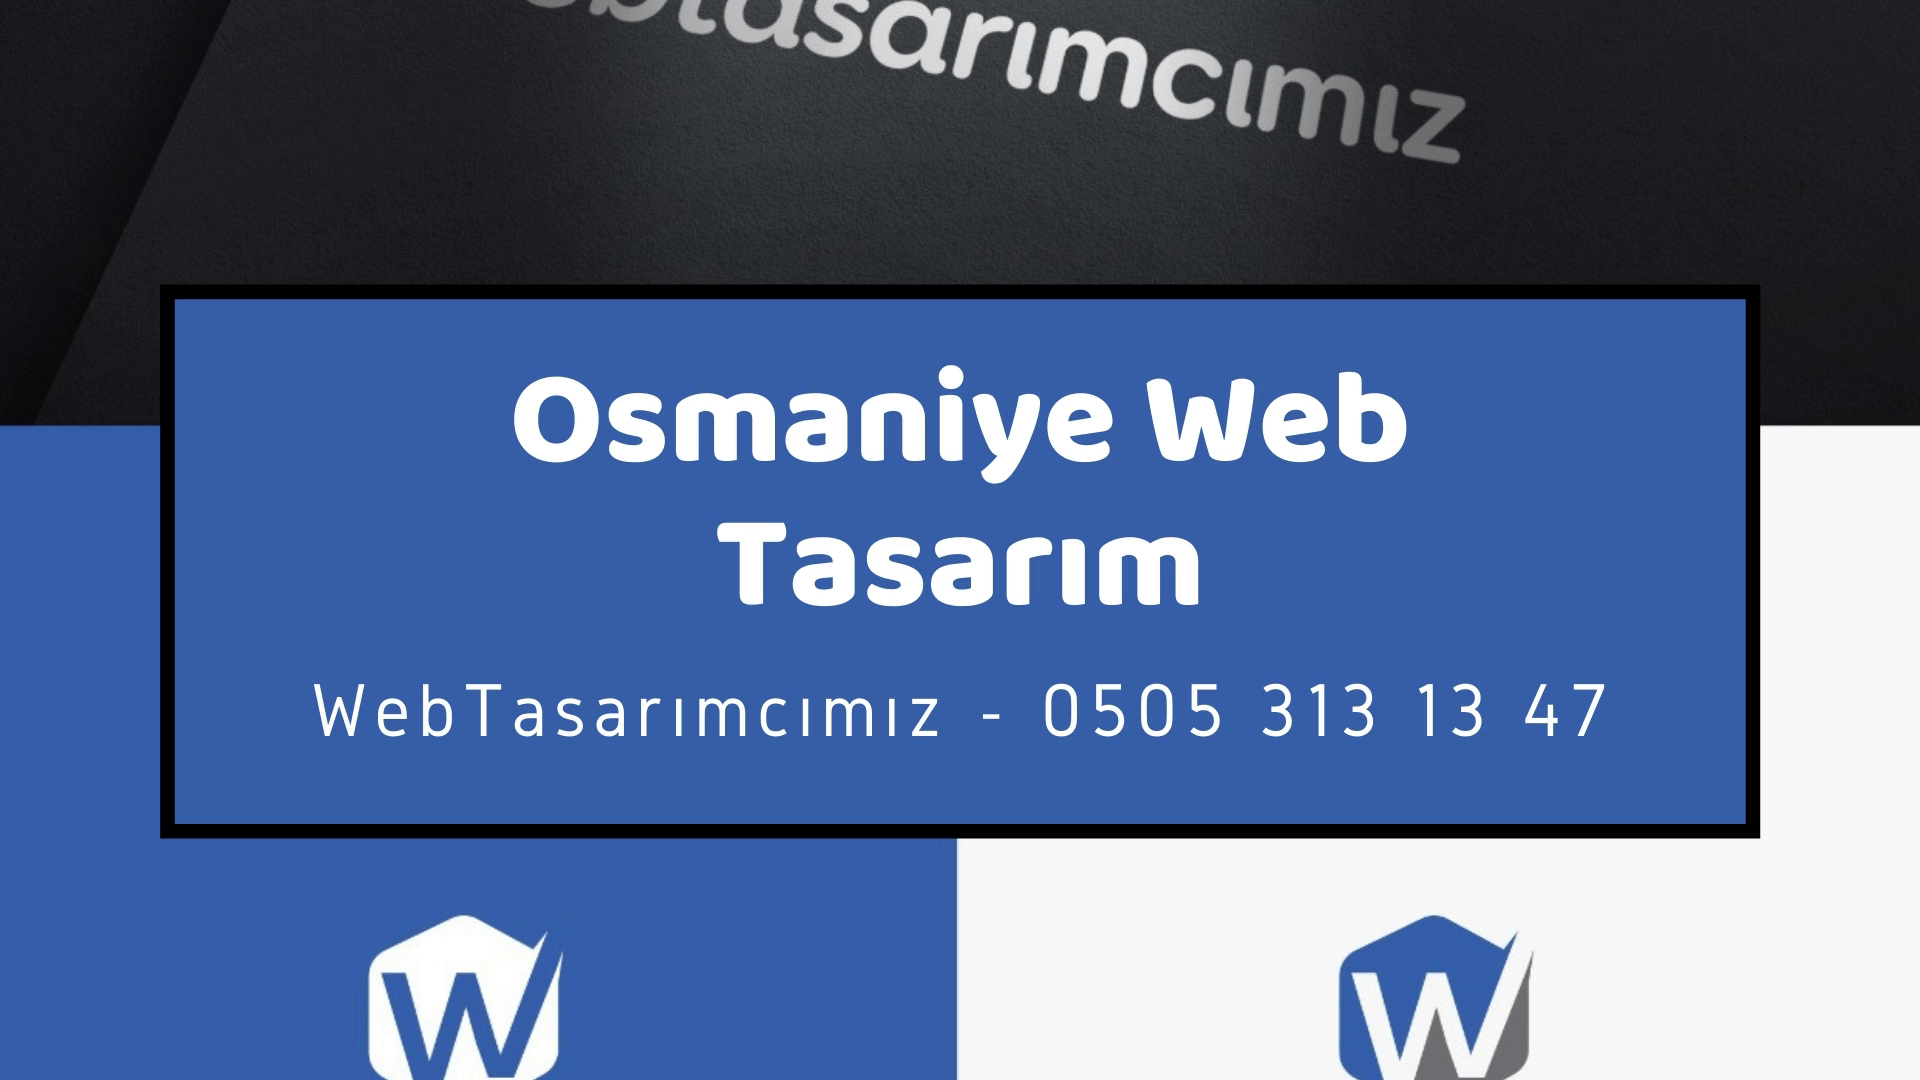 Osmaniye Web Tasarım